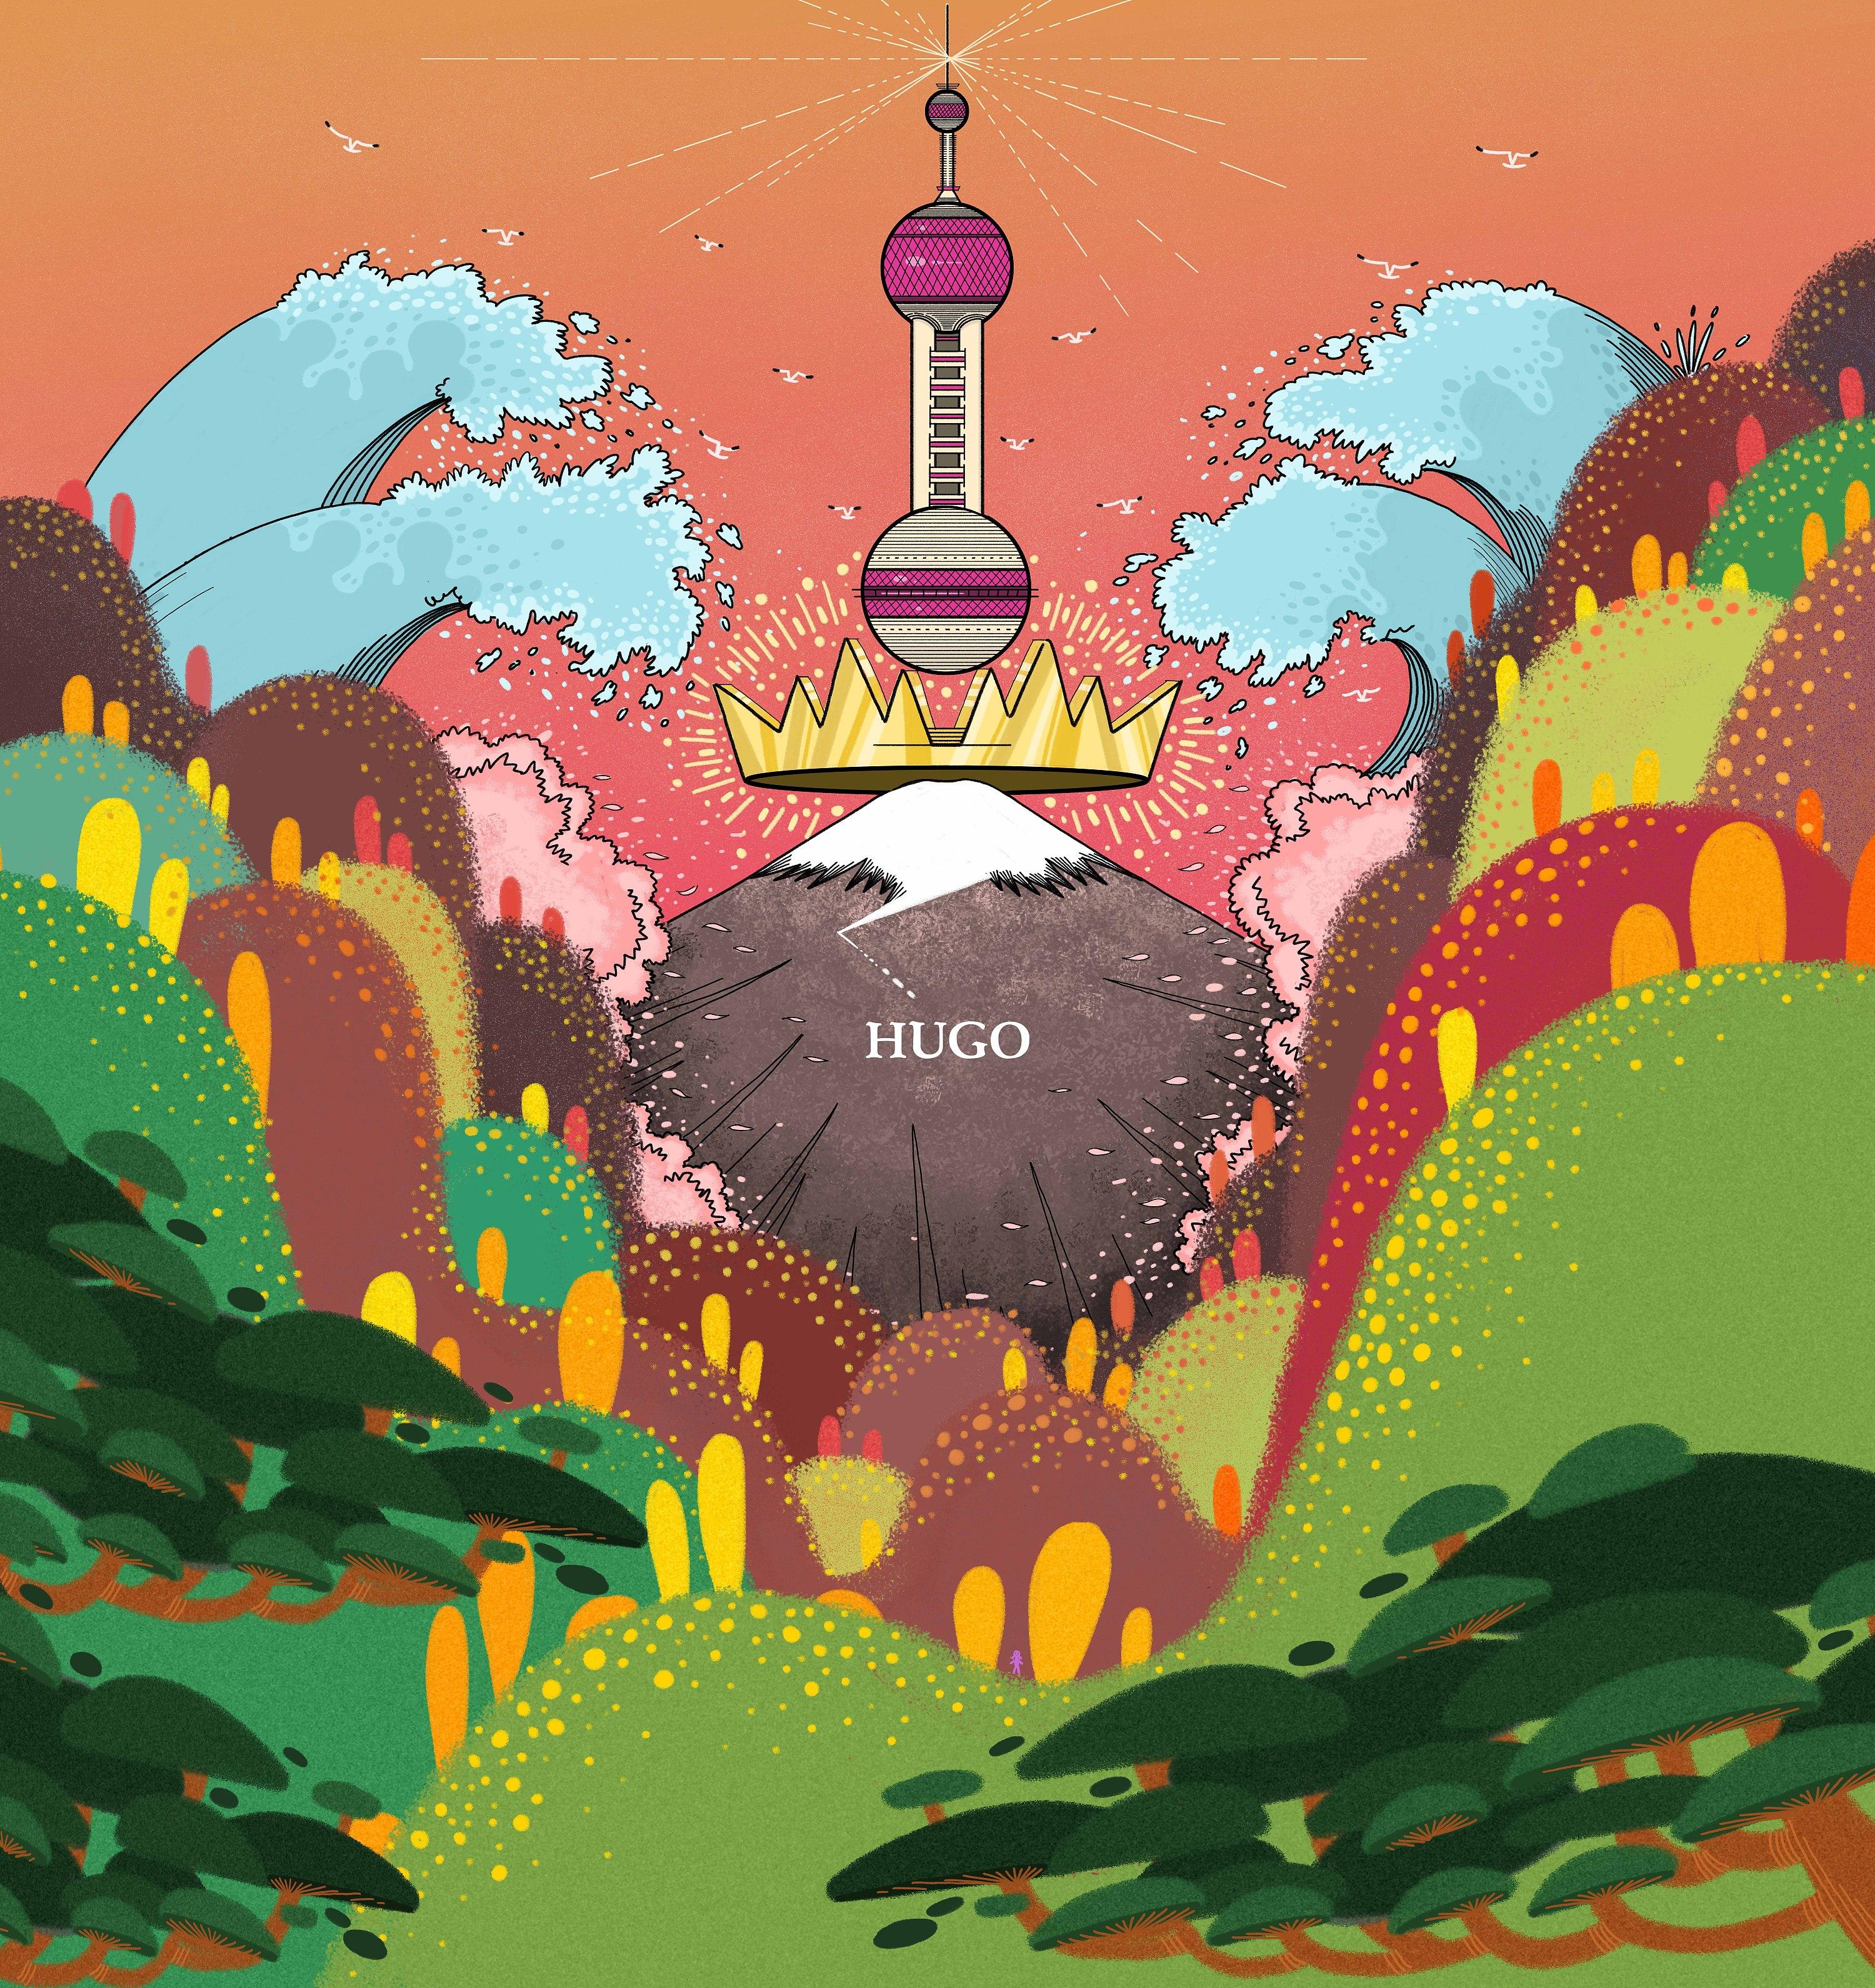 富士山+东方明珠|插画|商业插画|雨果hugo - 原创作品图片